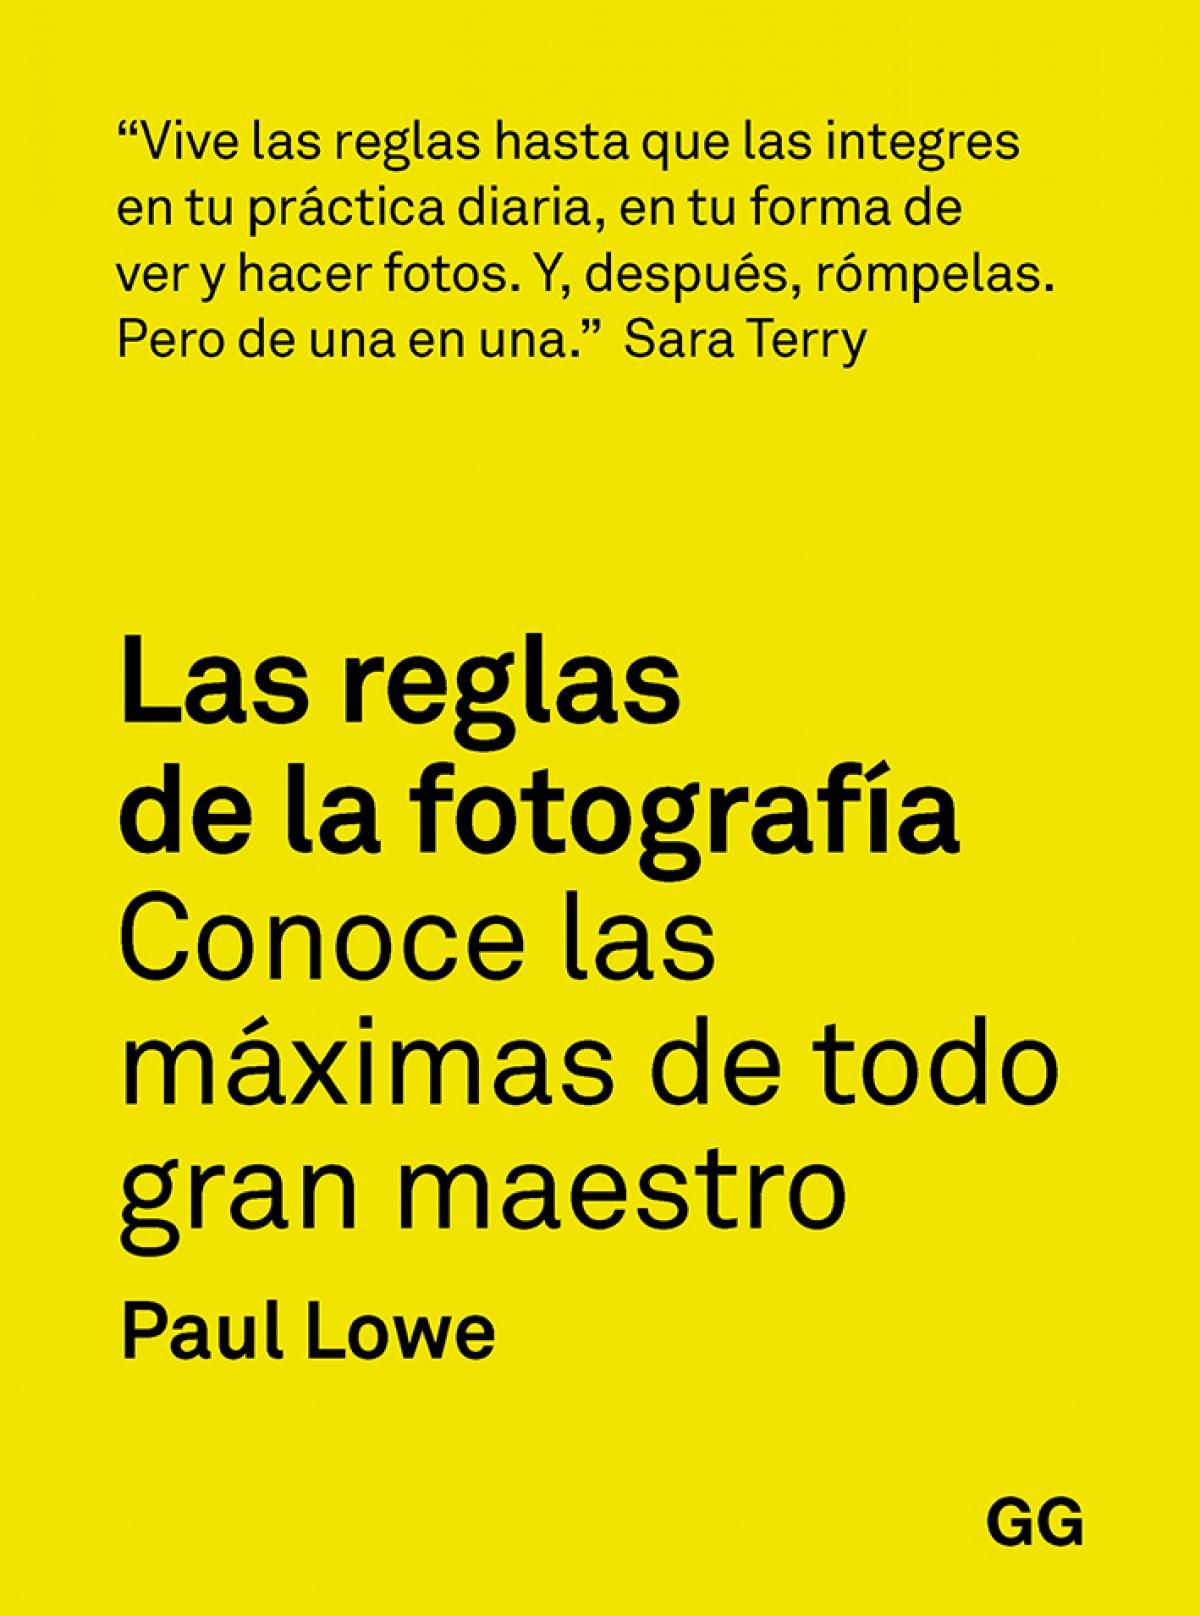 Las reglas de la fotografía